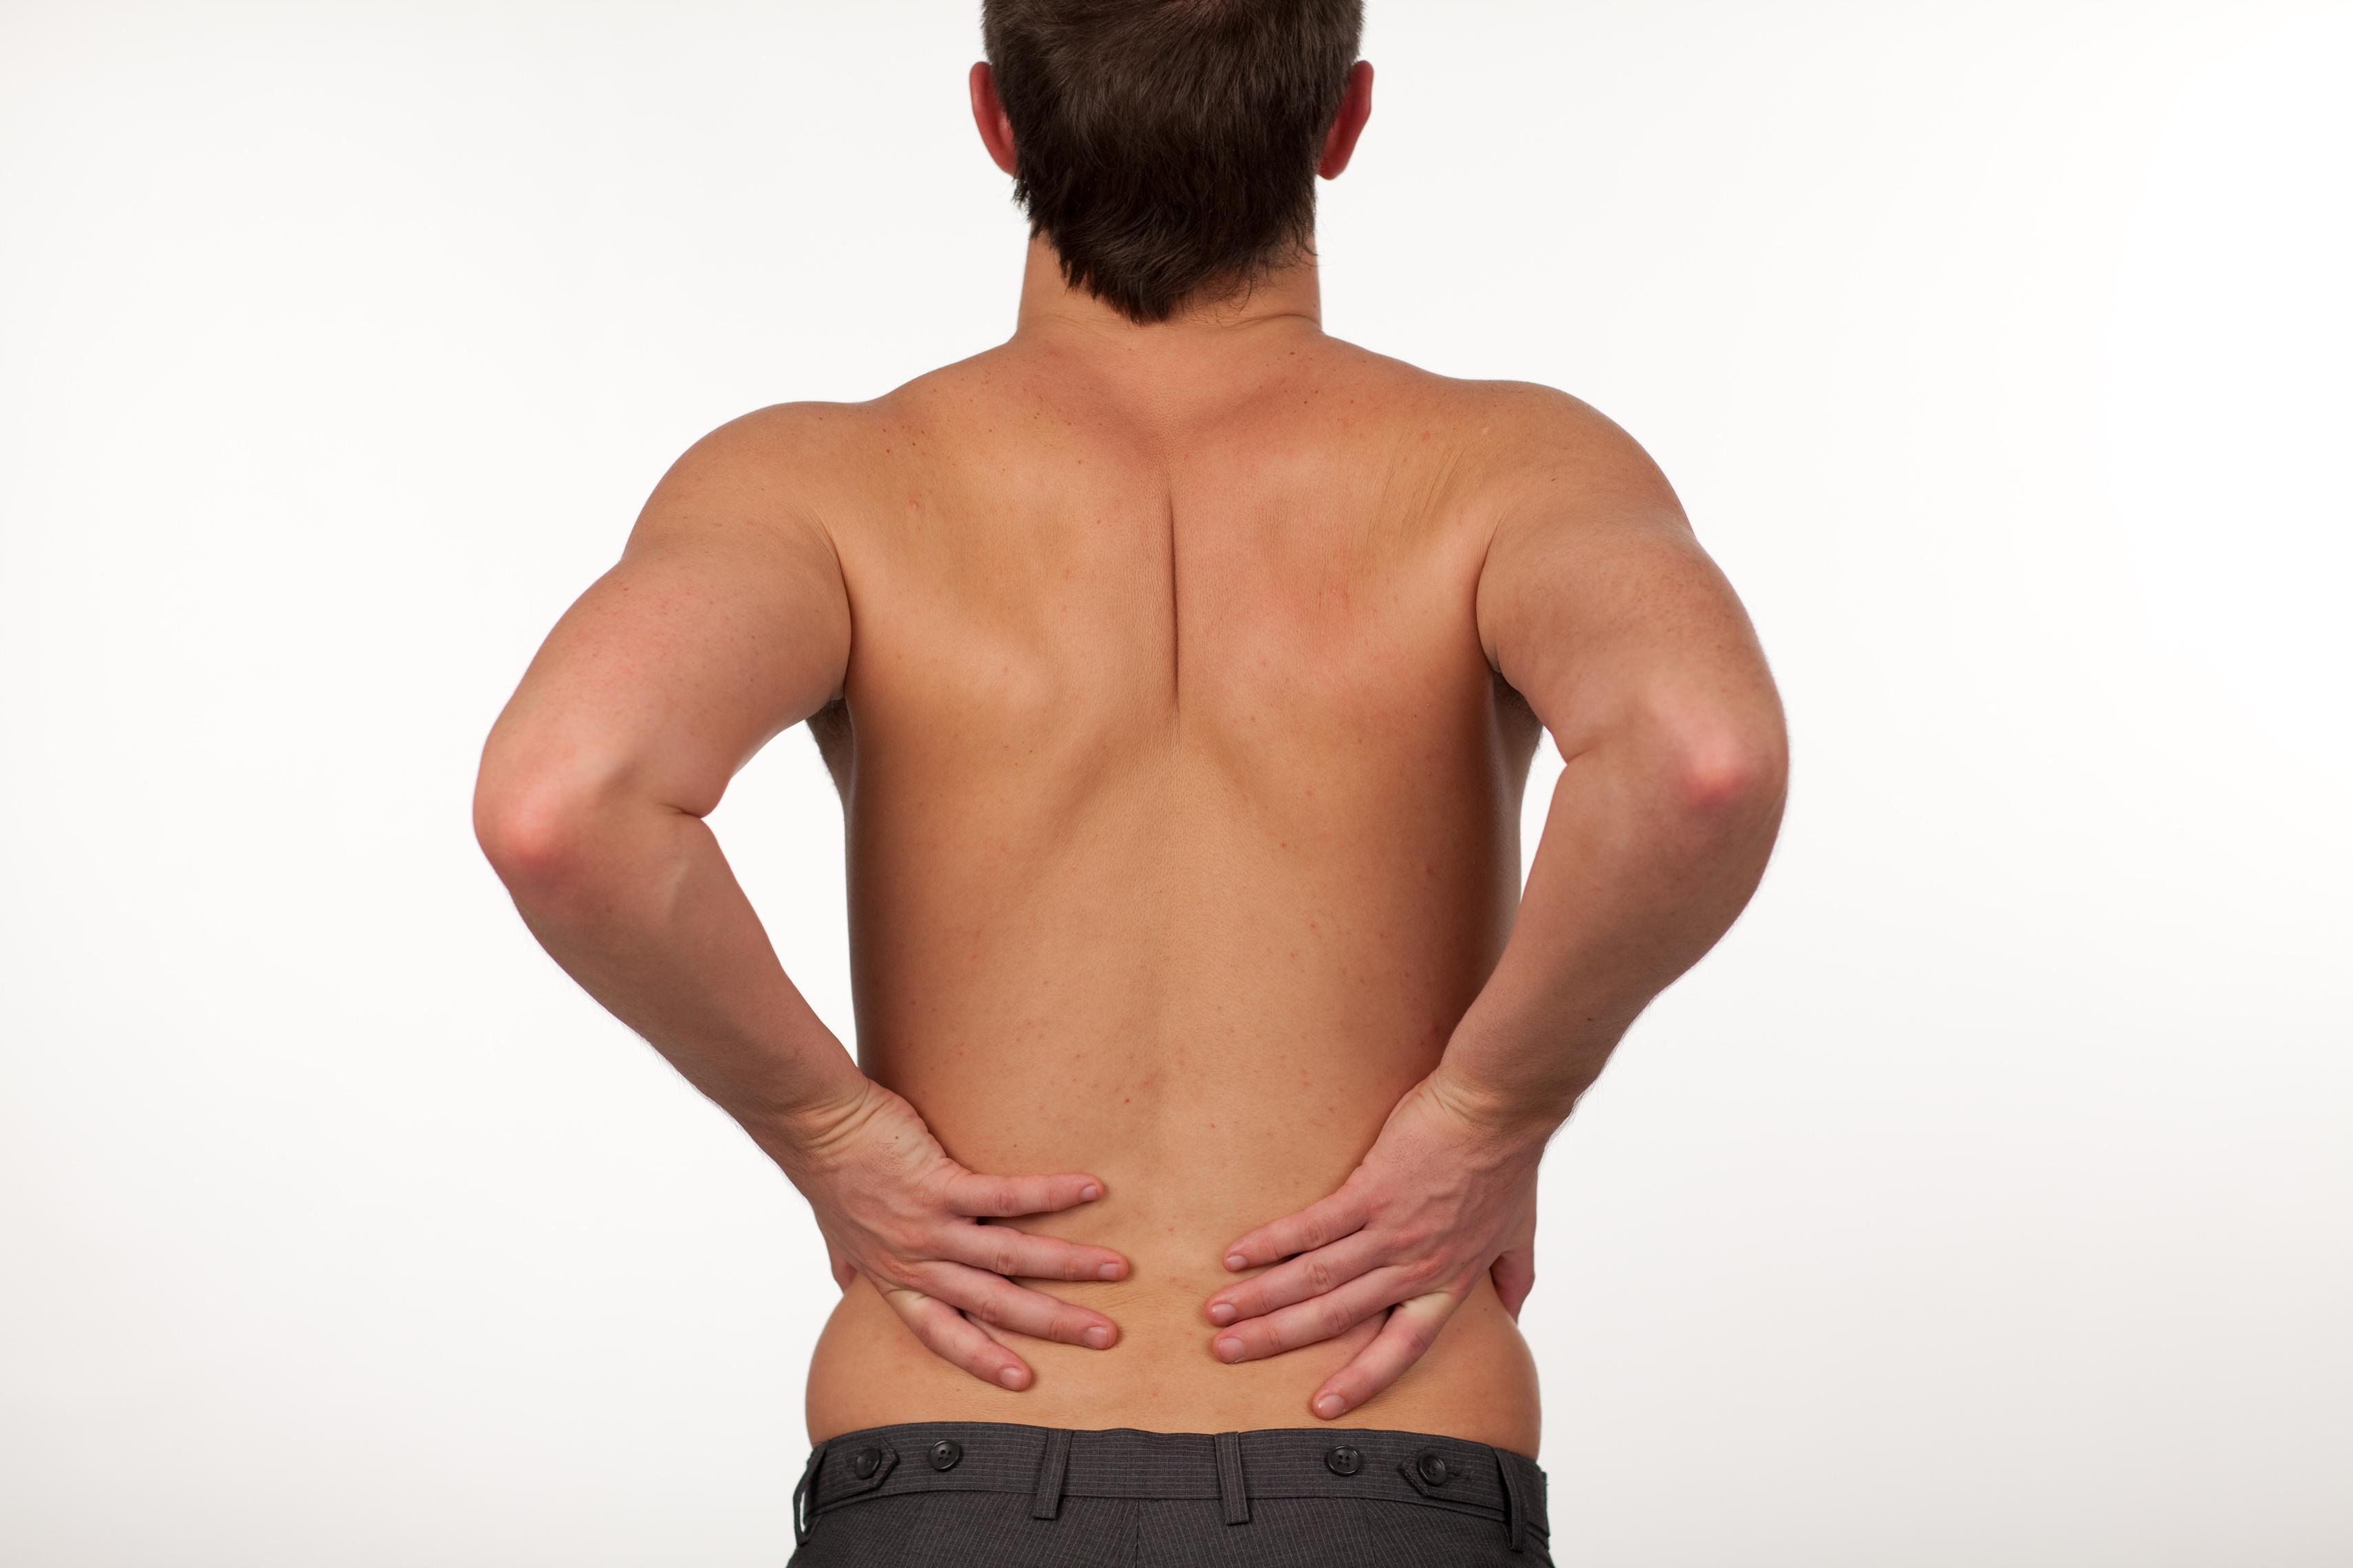 sindrome da fallimento chirurgico spinale